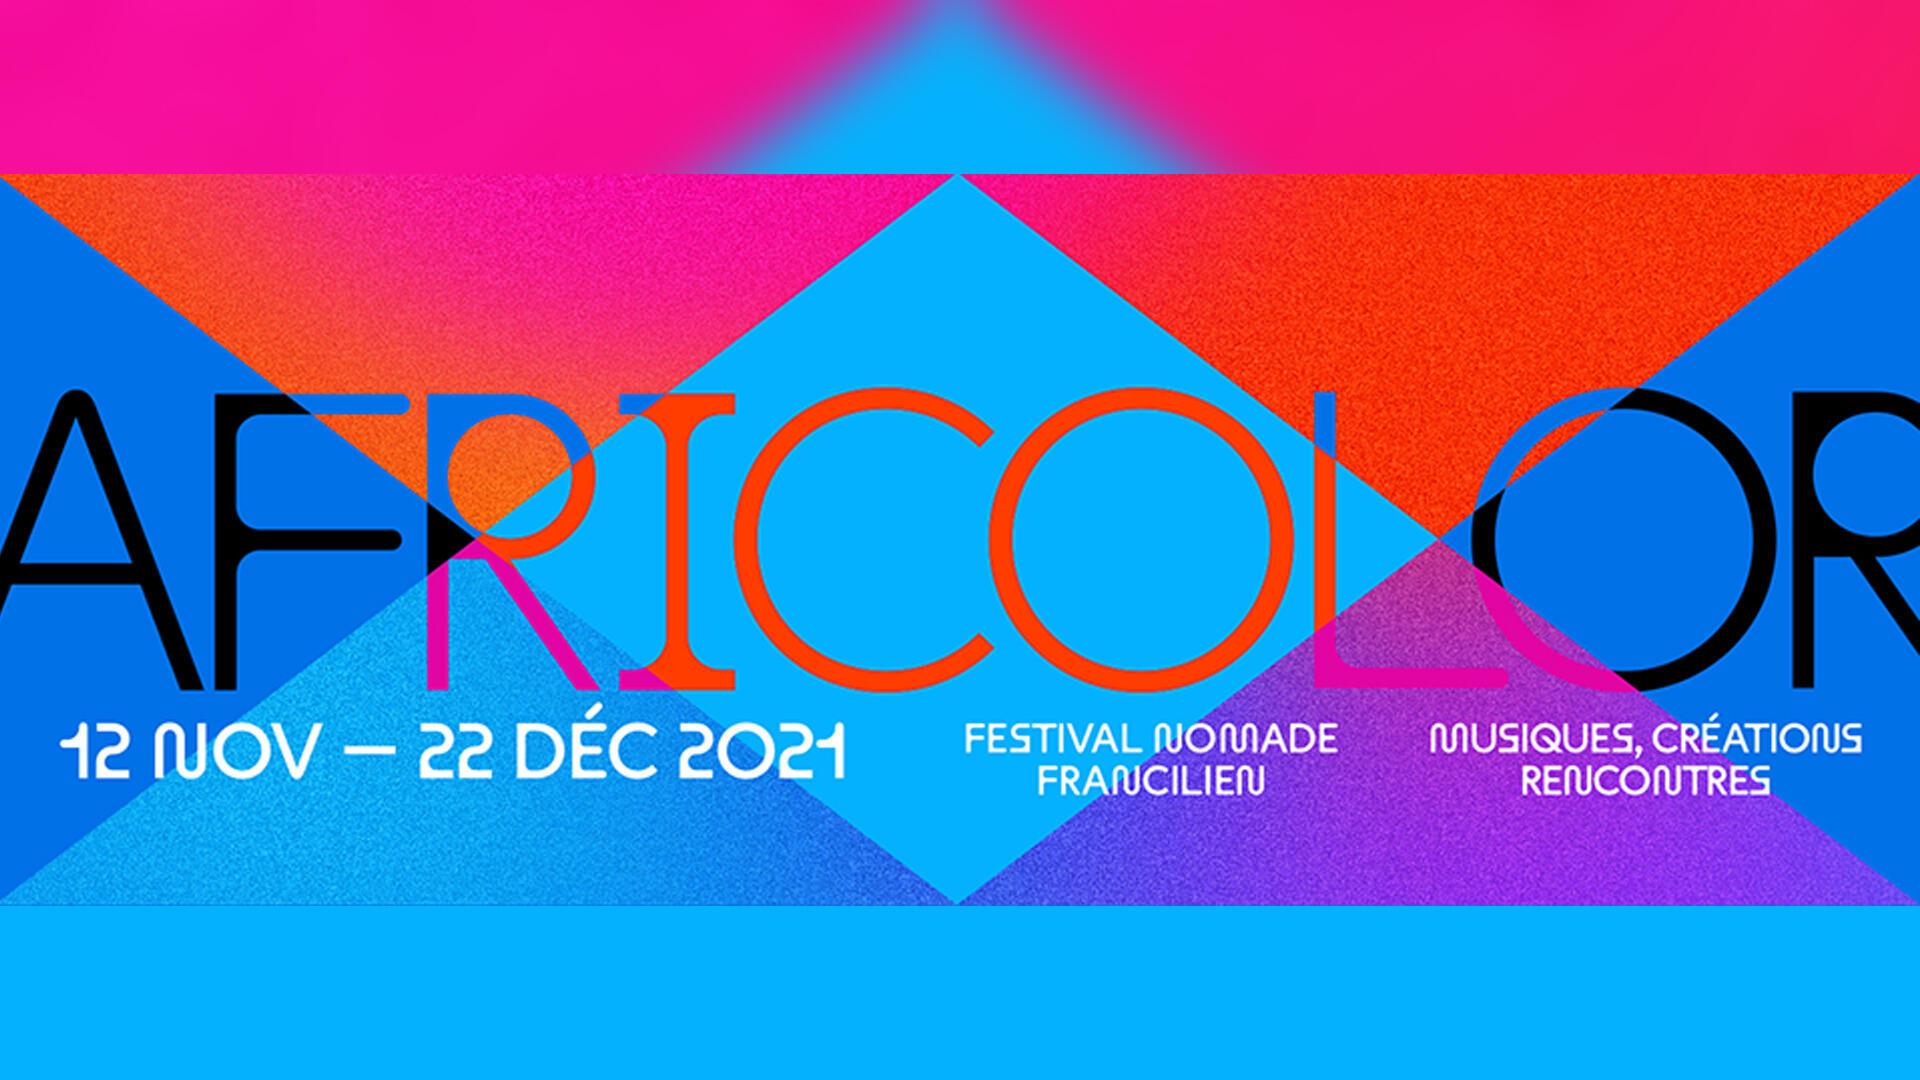 Musique - affiche africolor - musiques du monde 23102021